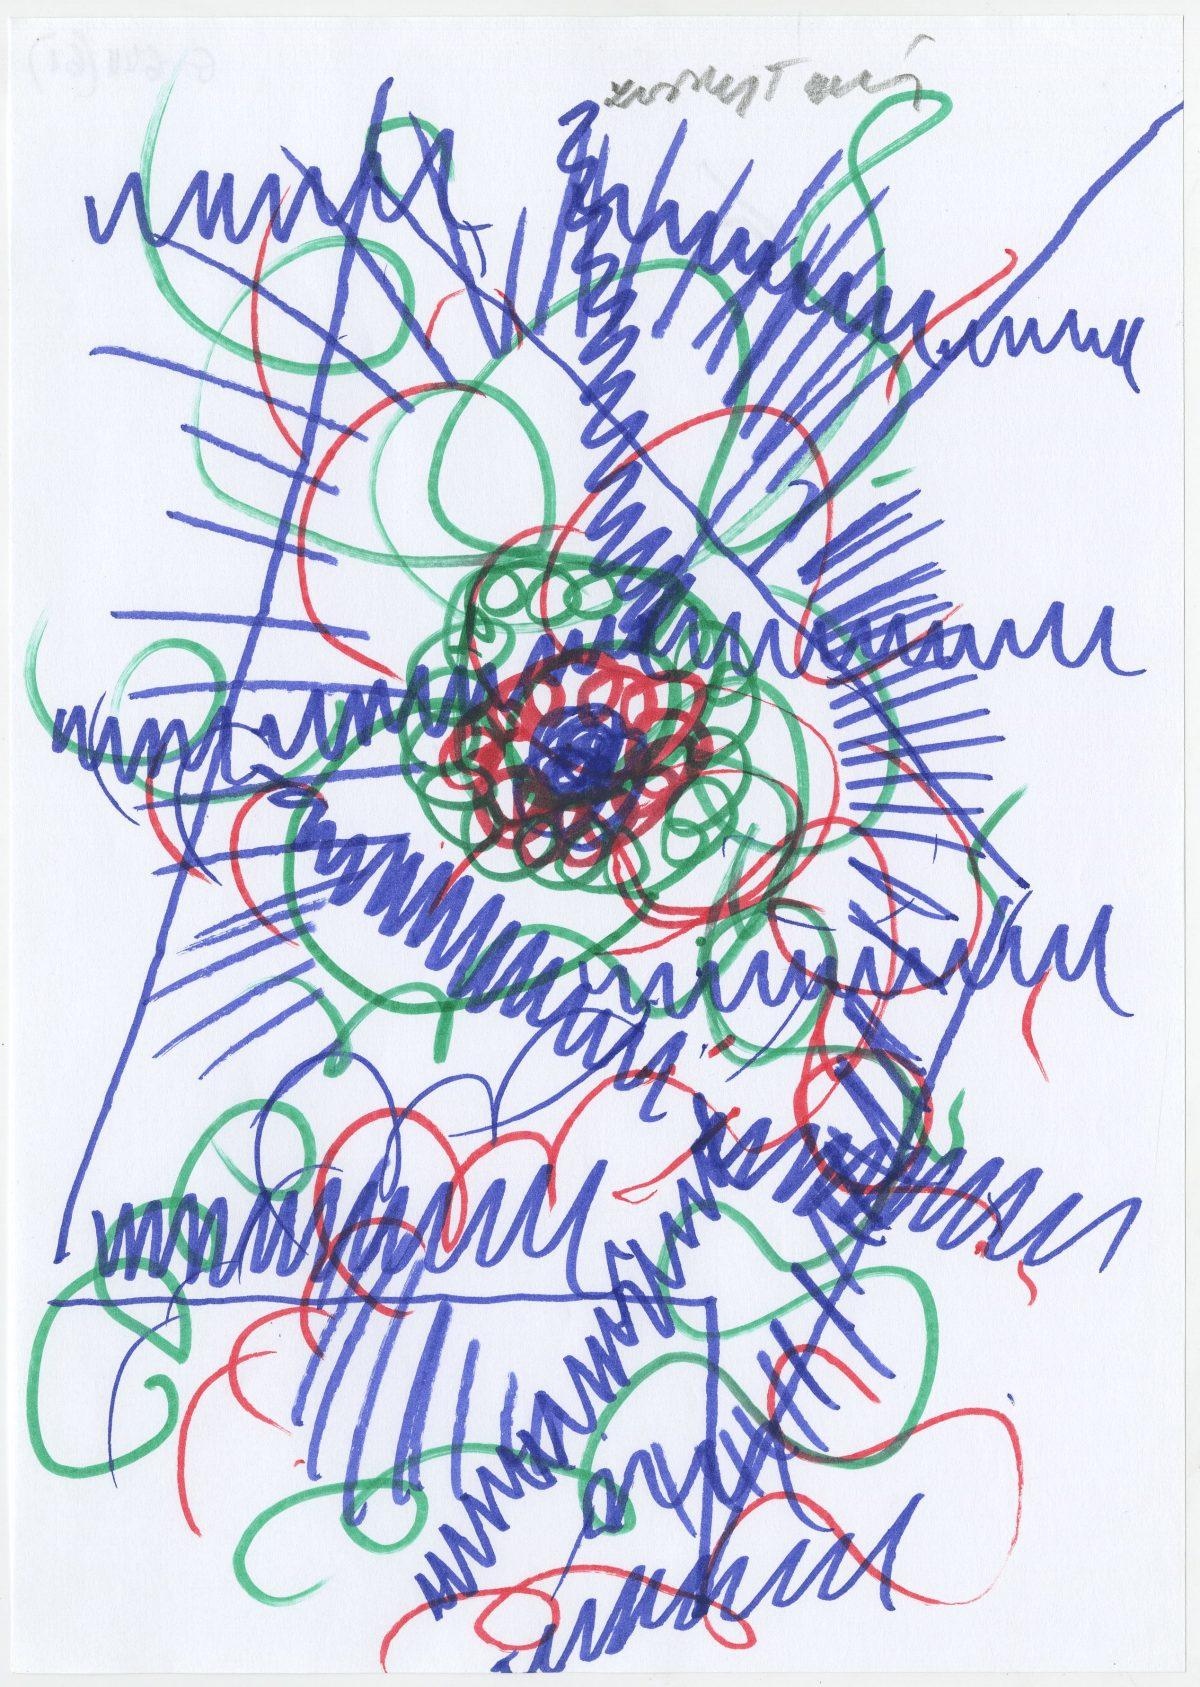 G06411(61)<br/> <b>Cím:</b> Szemnek agynak … <br/> <b>Méret cm:</b> 29,6X21 <br/> <b>Készült:</b> 2002. <br/> <b>Technika:</b> filc<br/>